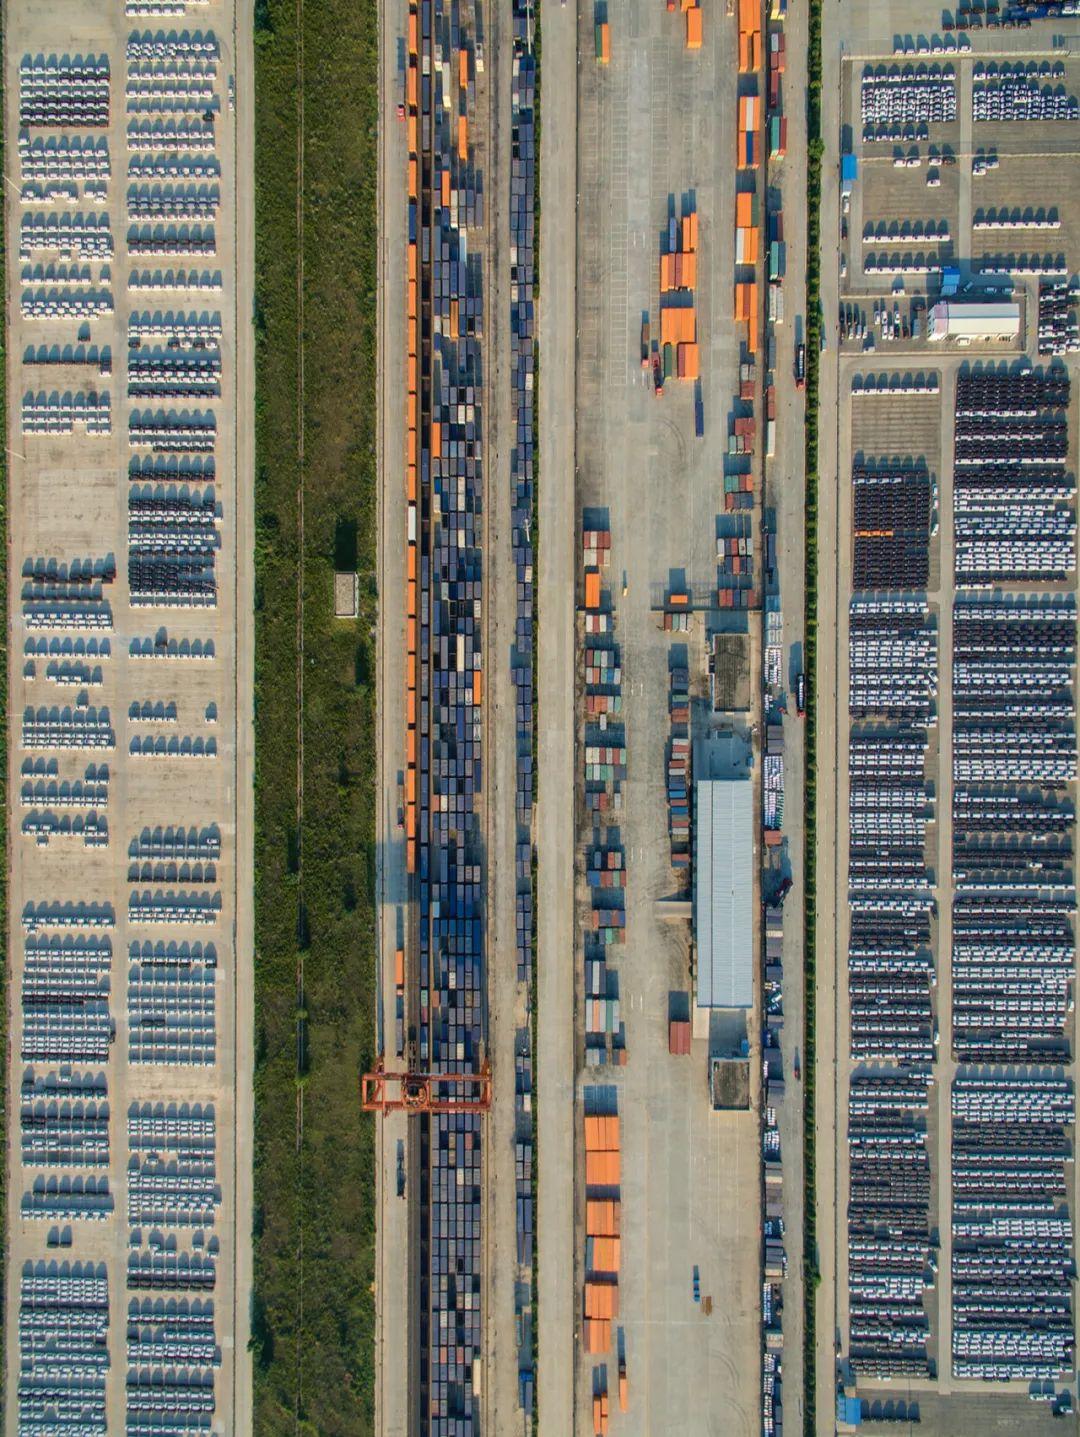 """▲ 繁忙的郑州国际陆港,郑州也是""""陆上丝绸之路""""的重要节点。摄影/焦潇翔"""